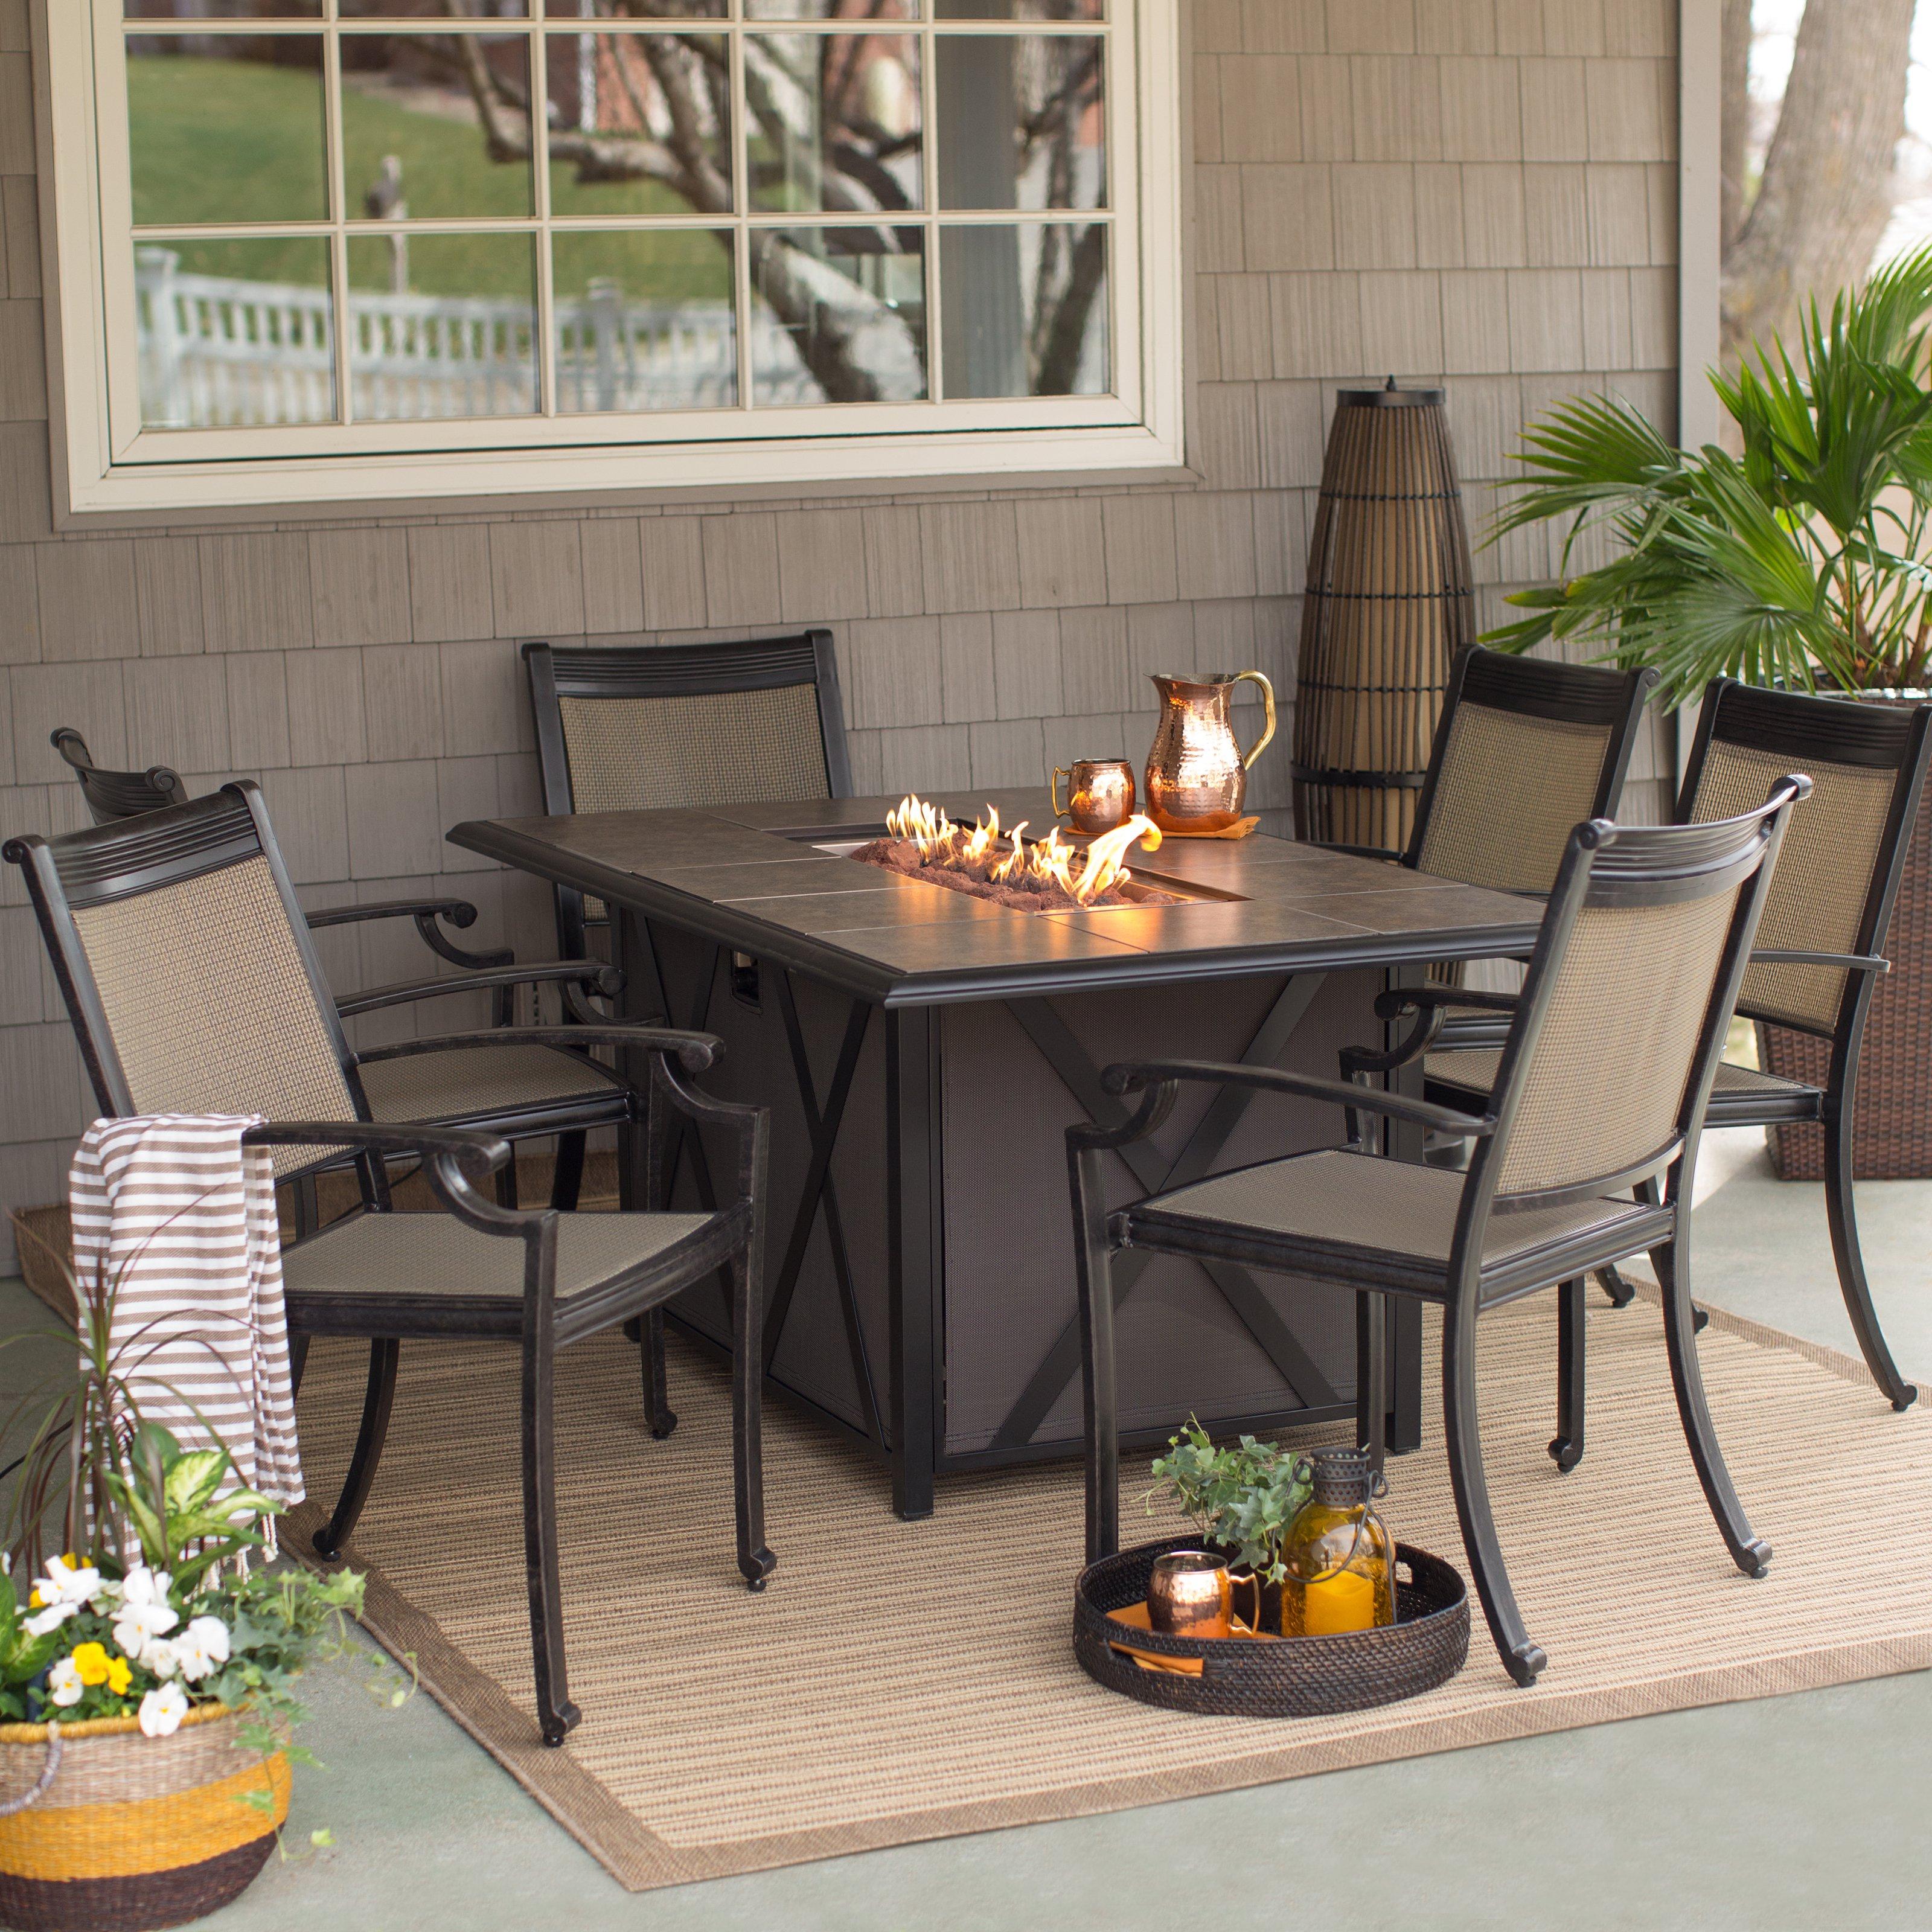 Ebern Designs Tarleton 5 Piece Dining Set – Walmart For Preferred Tarleton 5 Piece Dining Sets (Gallery 3 of 25)